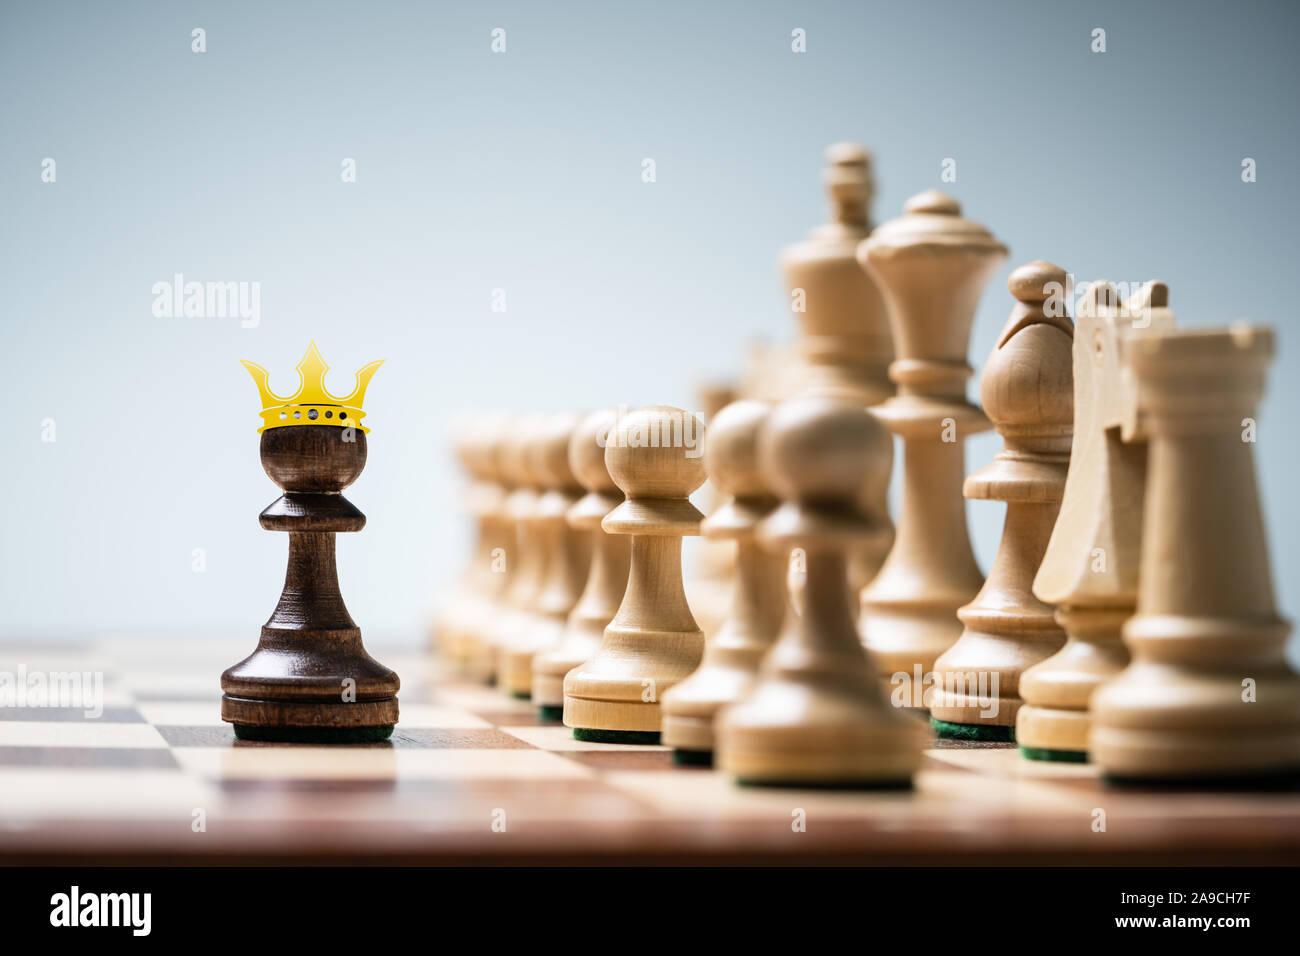 Rangée de pièces des échecs à bord contre fond bleu Banque D'Images